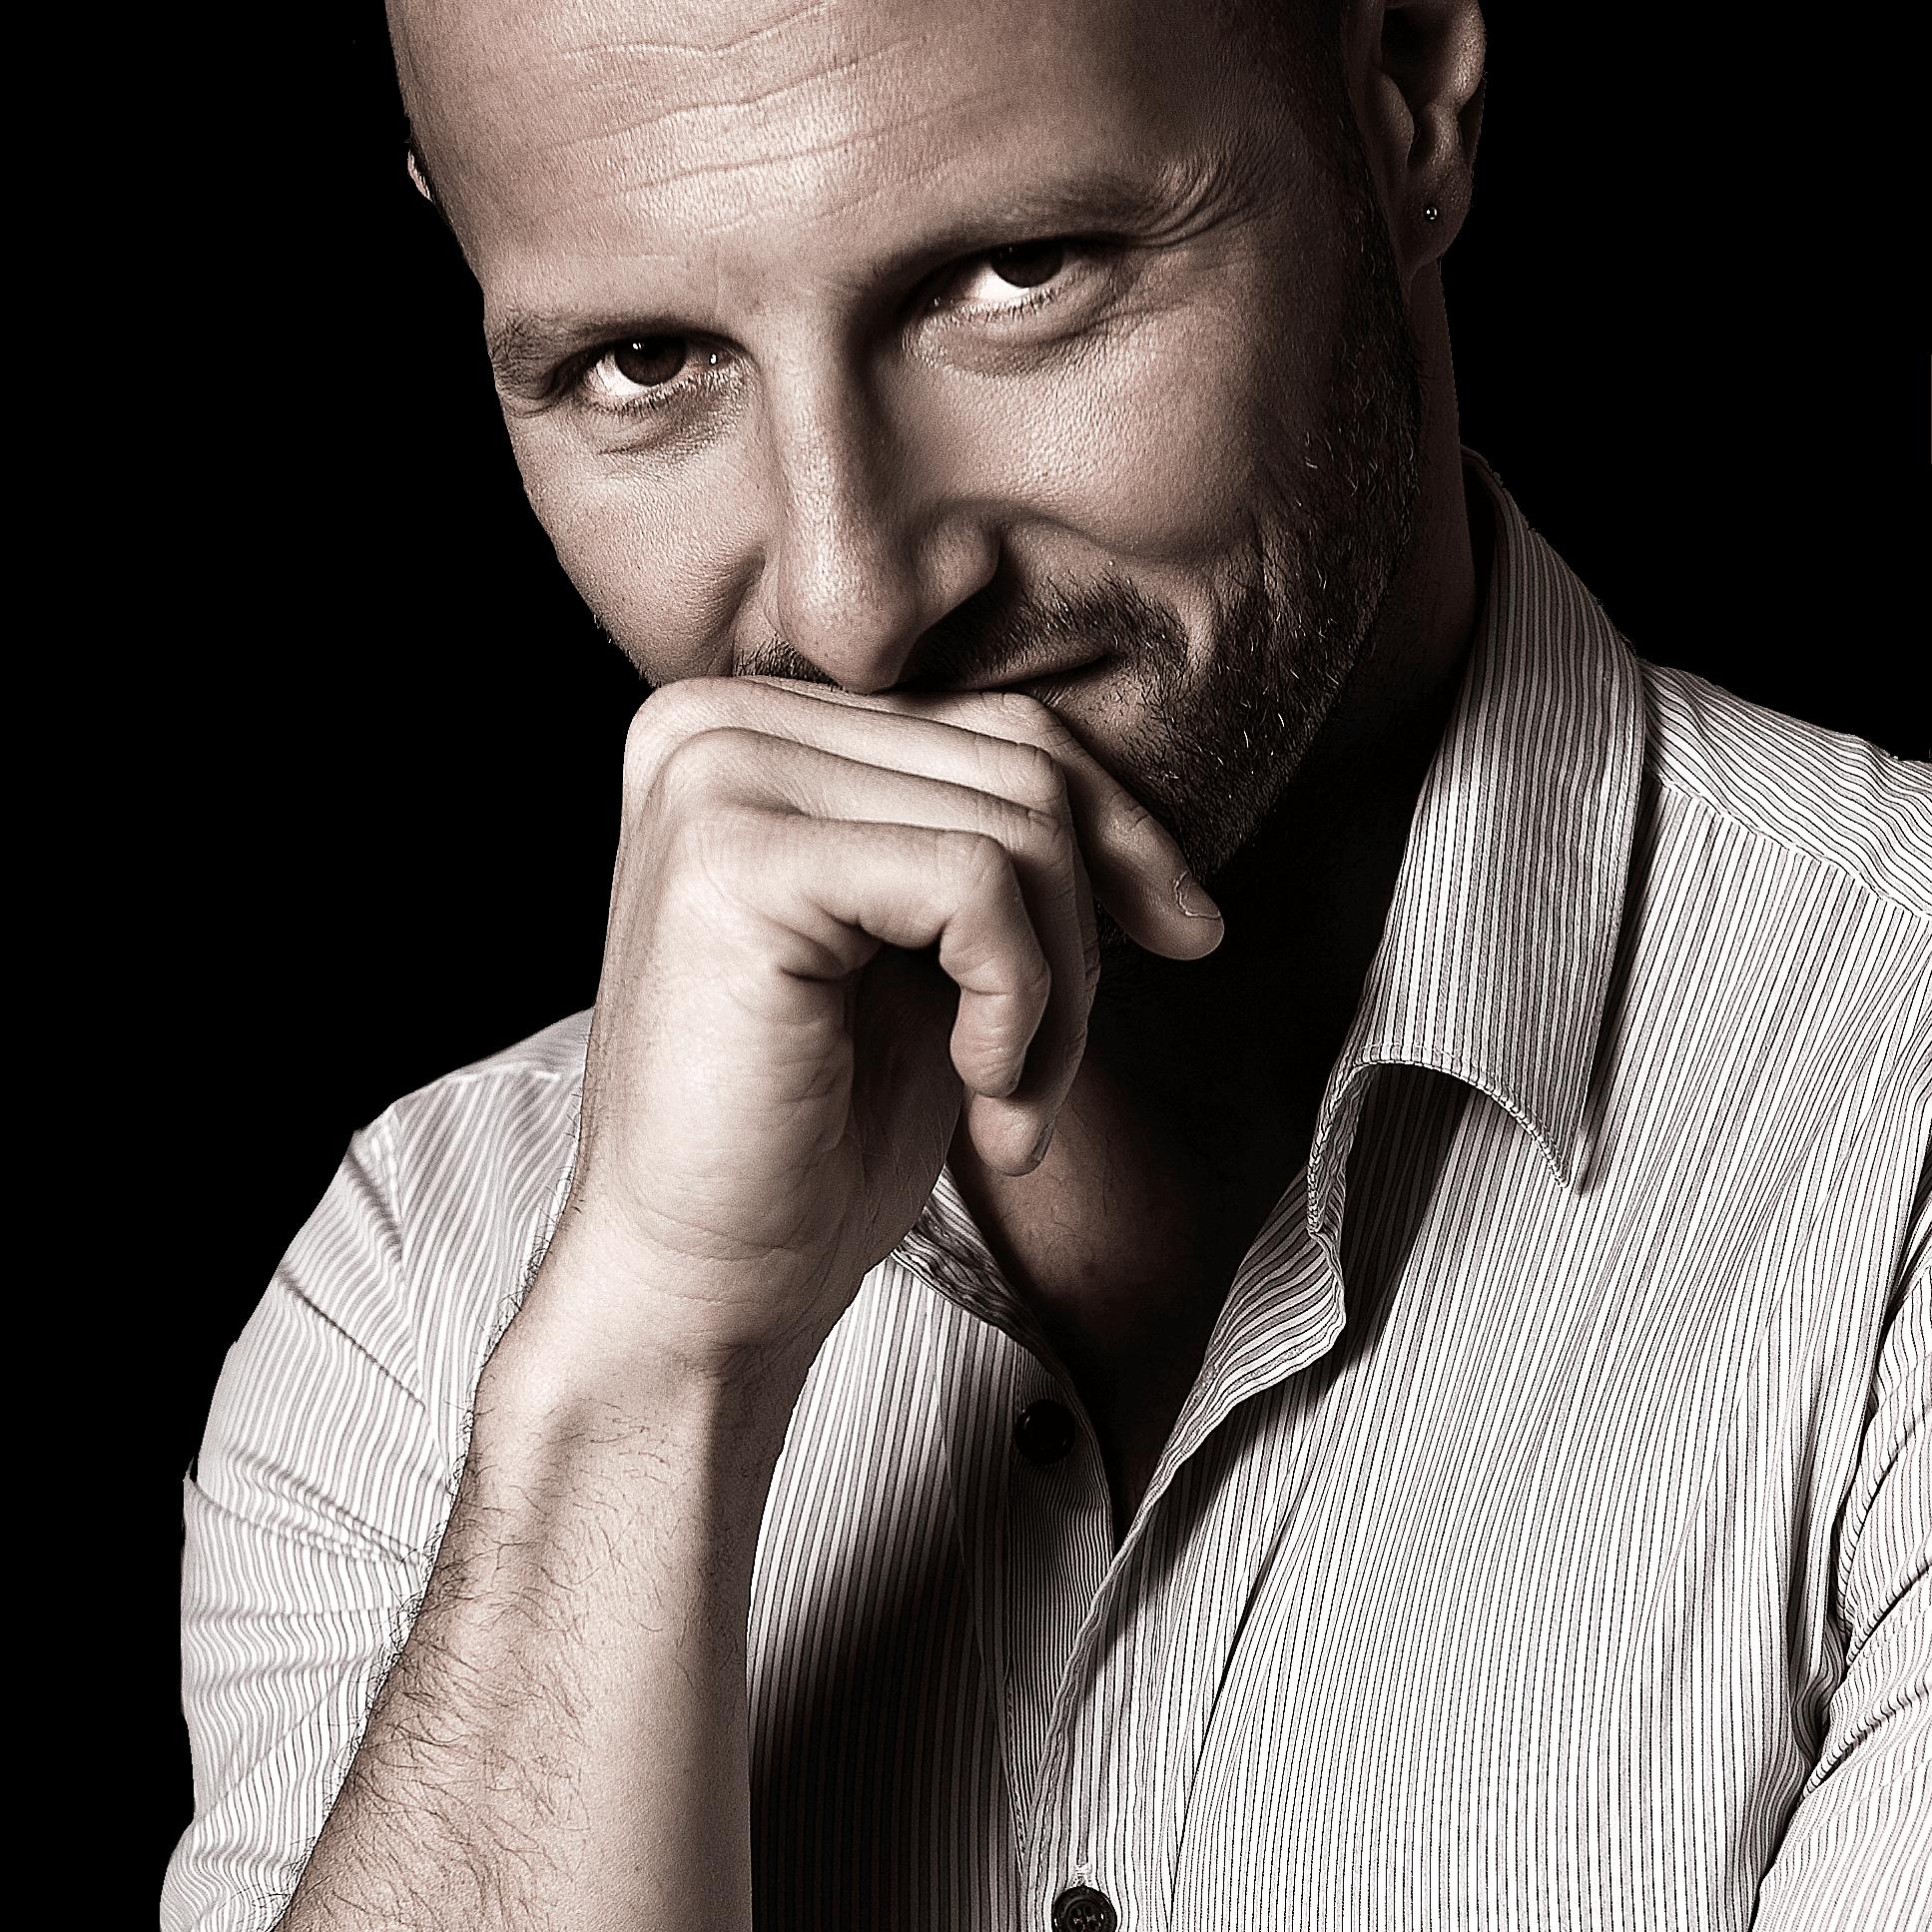 Luca Di Persio